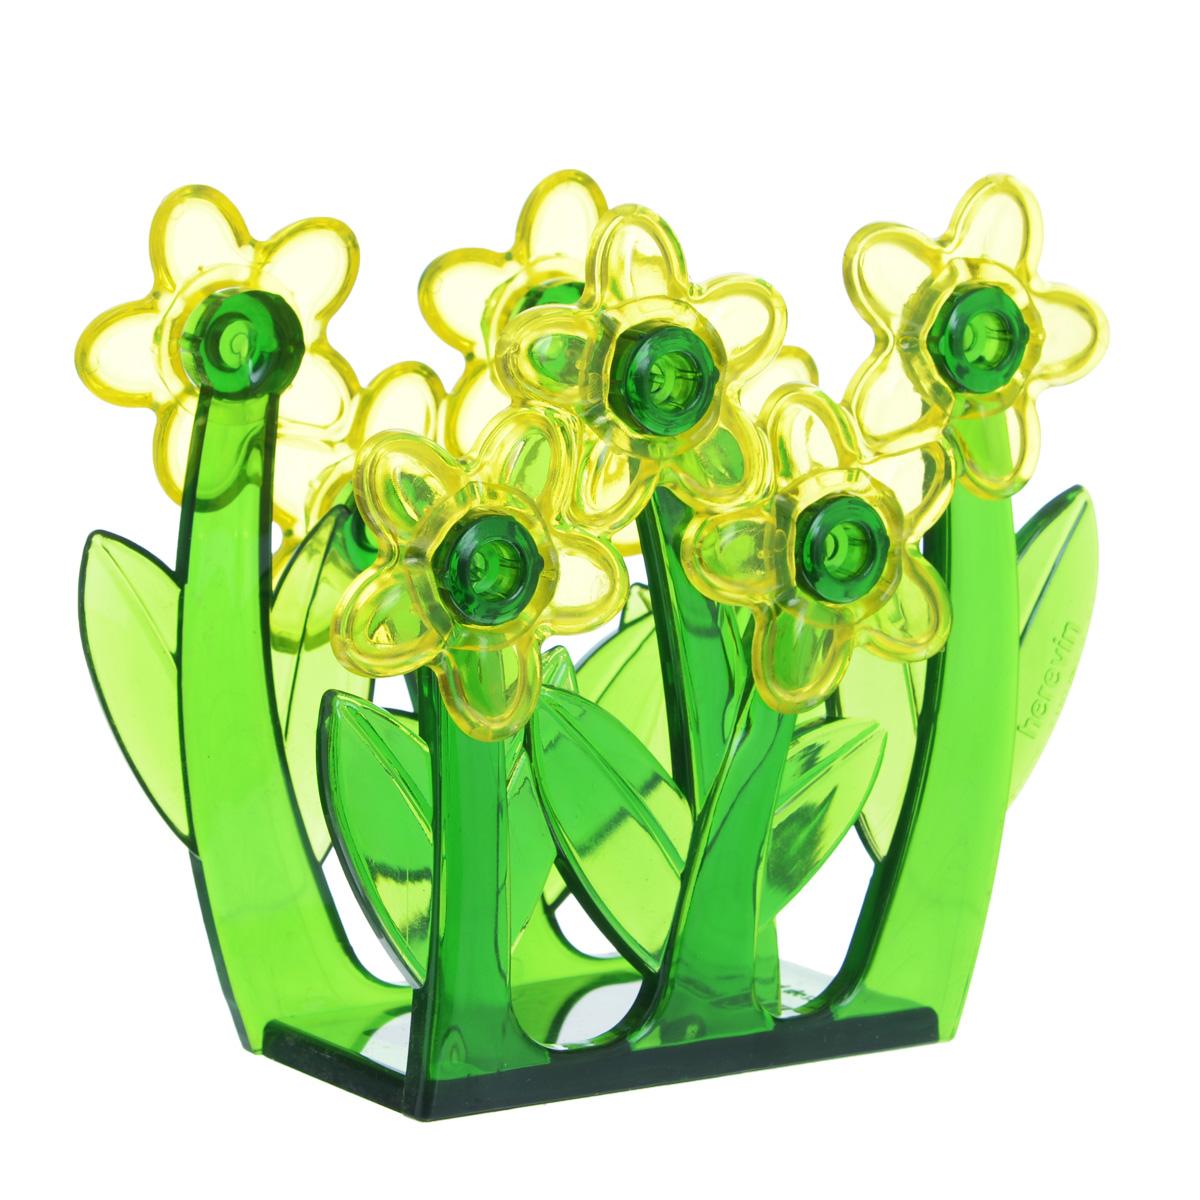 Салфетница Herevin, цвет: желтый115510Салфетница Herevin, изготовленная из высококачественного прочного пластика, оформлена декоративными цветами. Яркий и оригинальный дизайн несомненно придется вам по вкусу. Такая салфетница великолепно украсит праздничный стол.